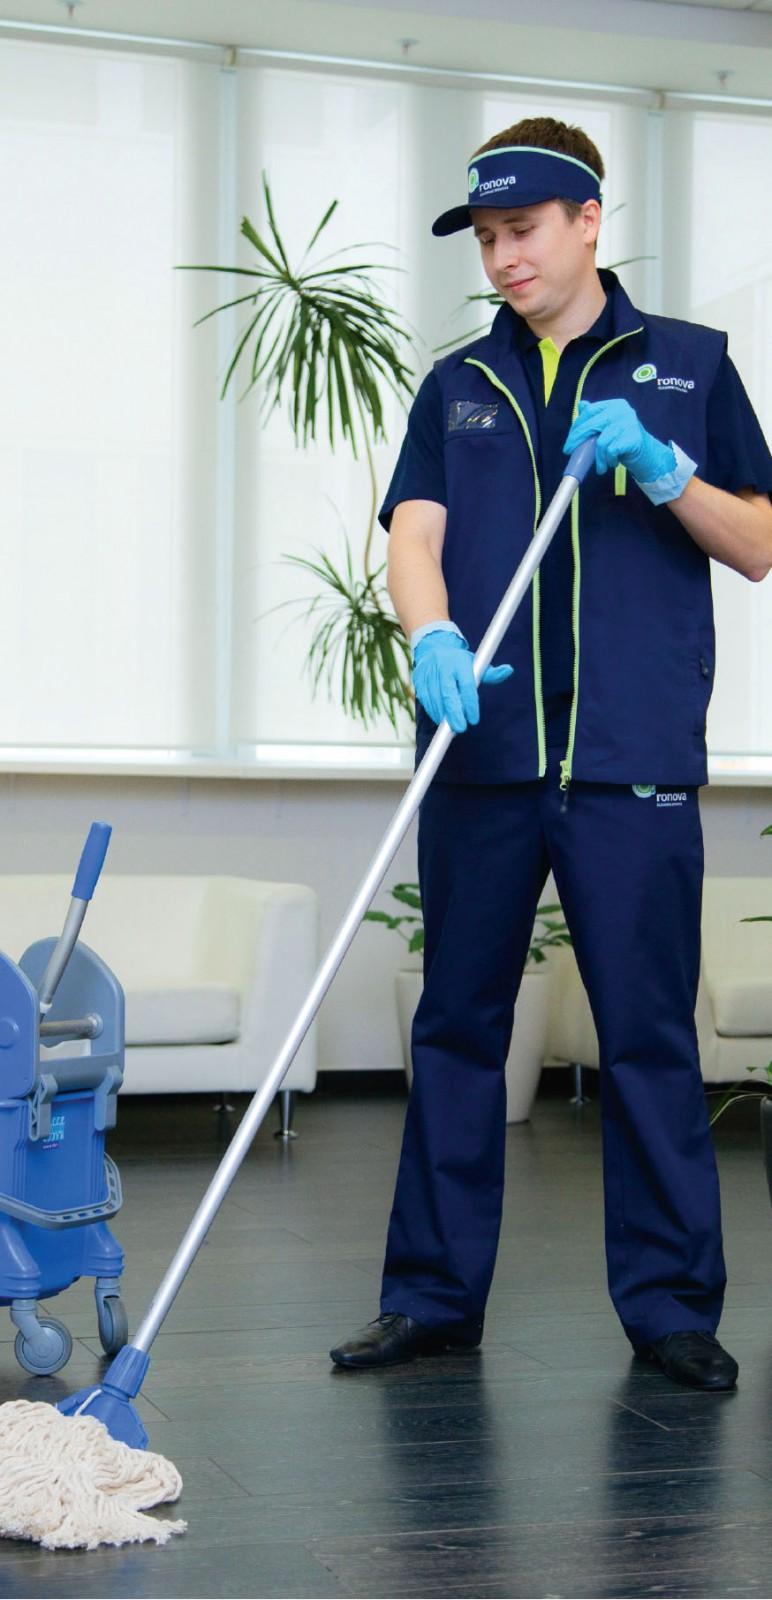 cleanwork2